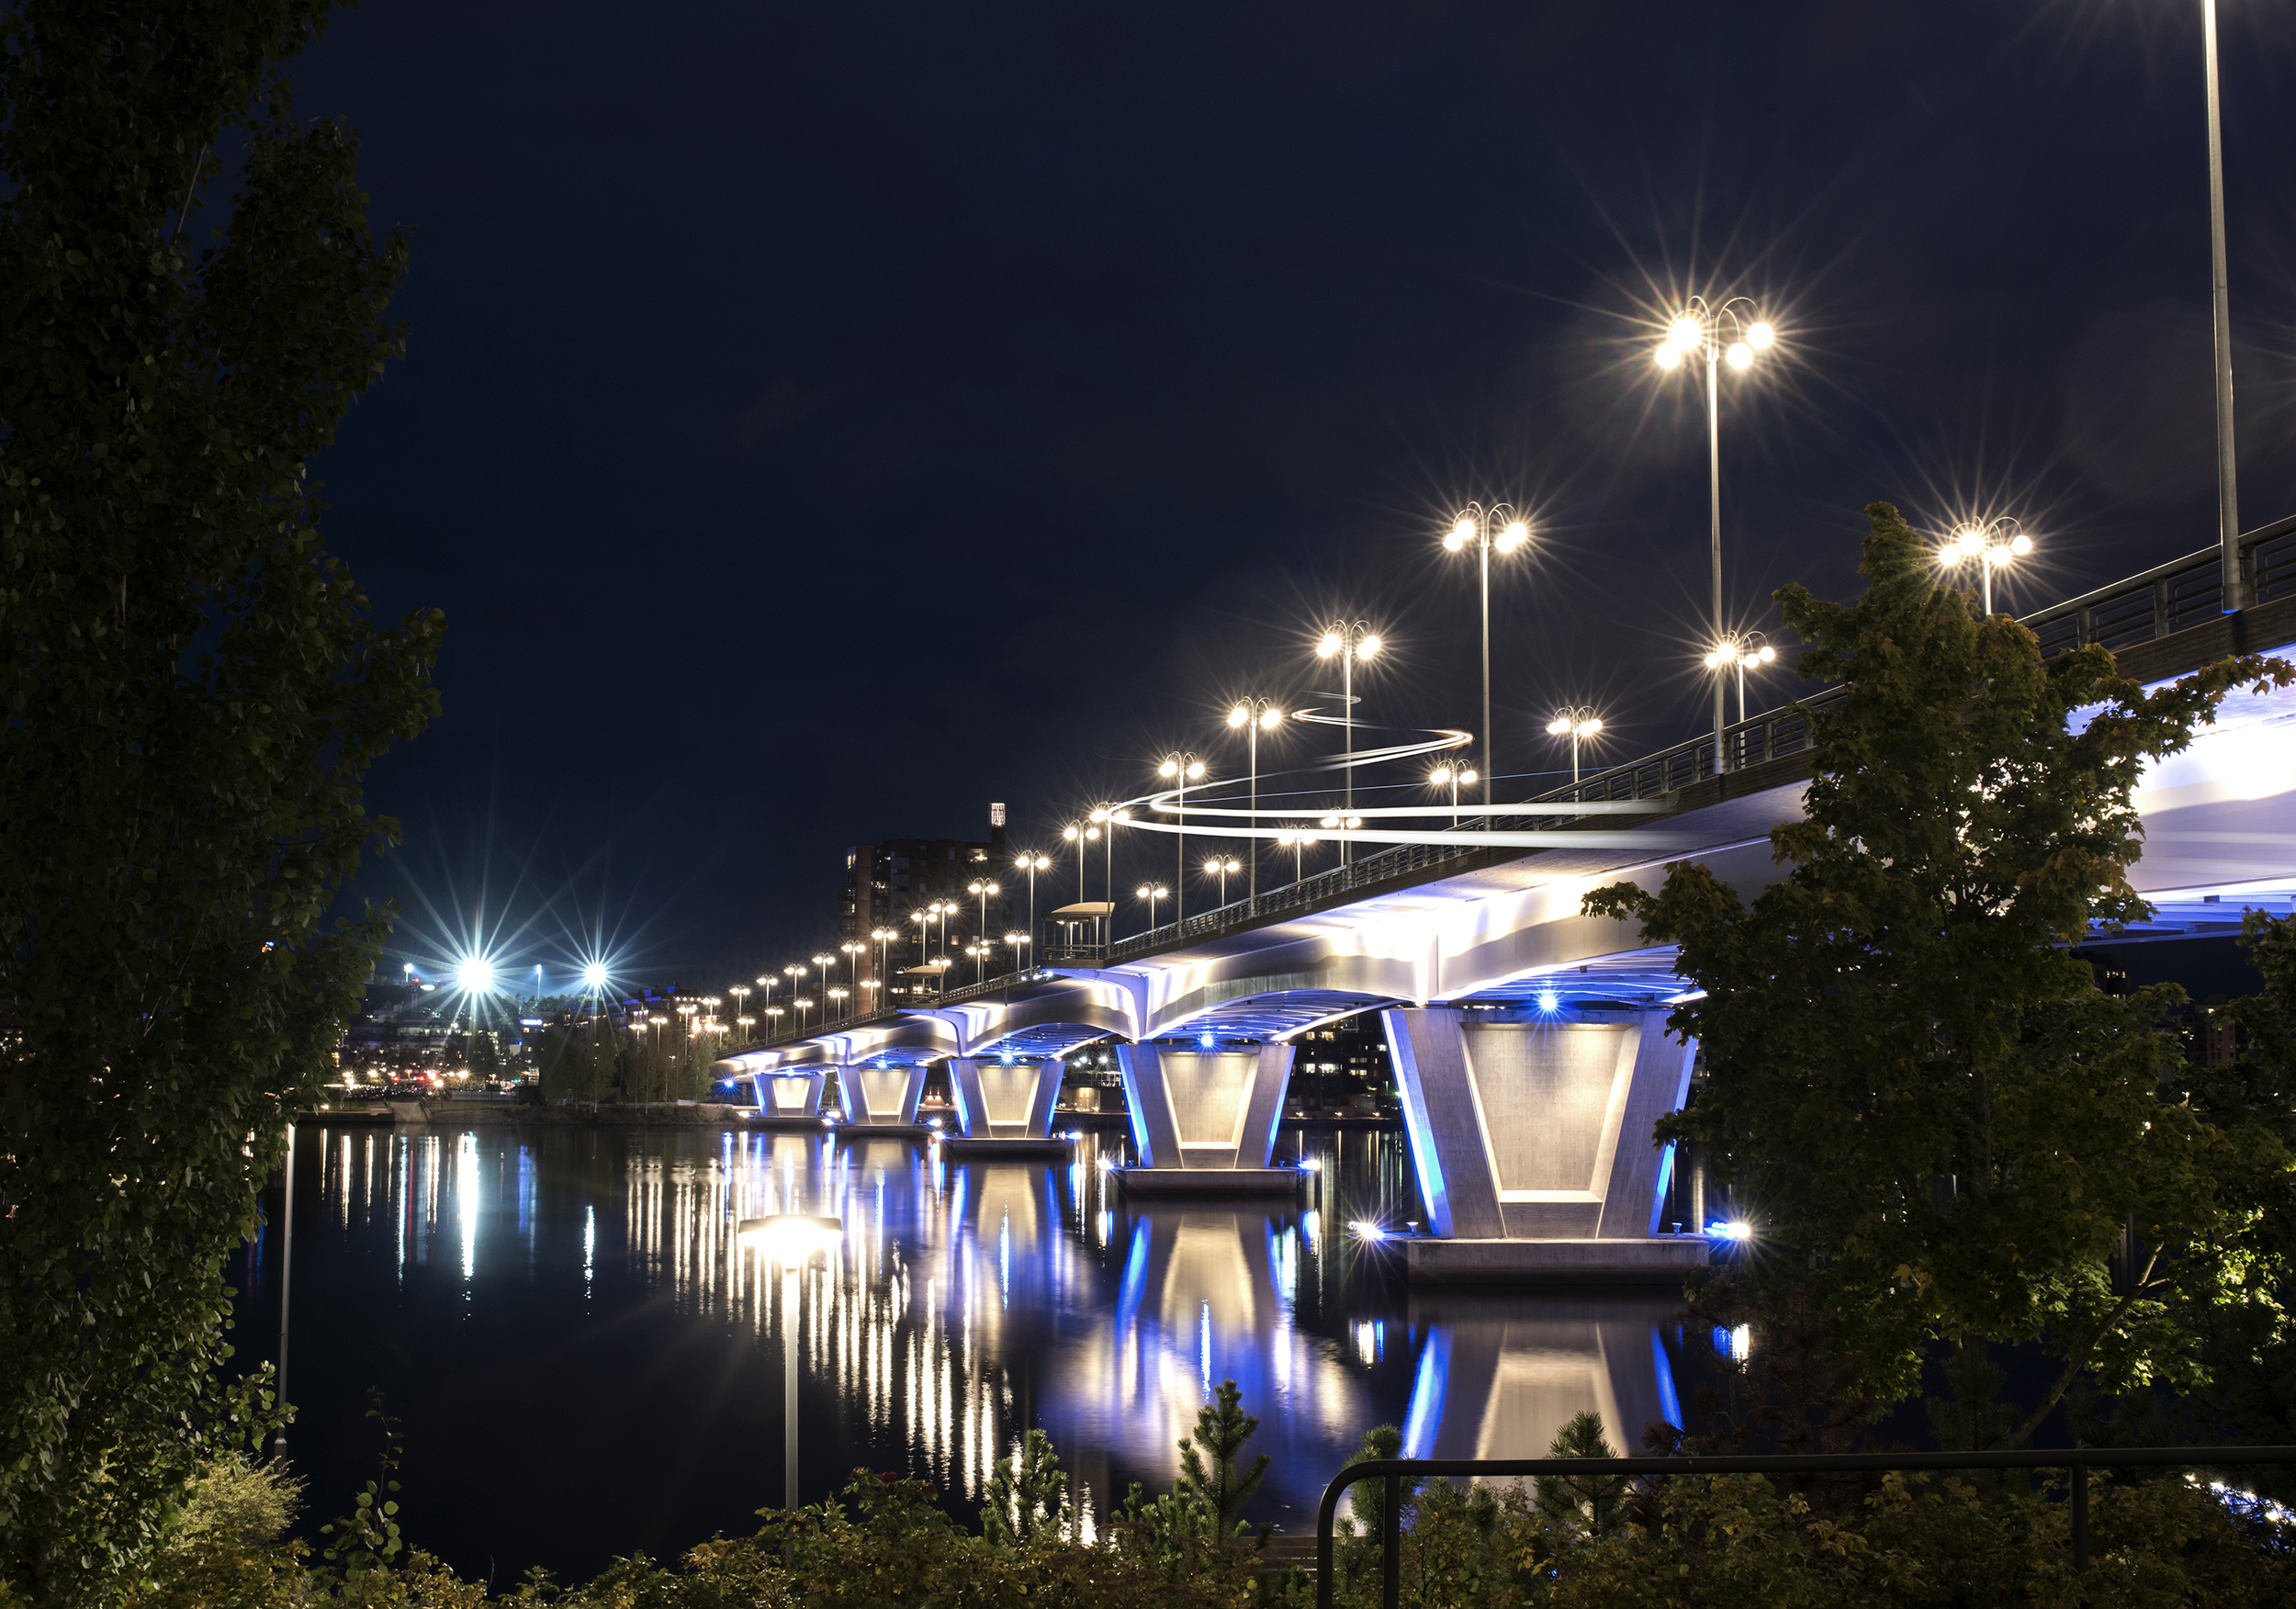 Valaistu Jyväskylän silta yöllä